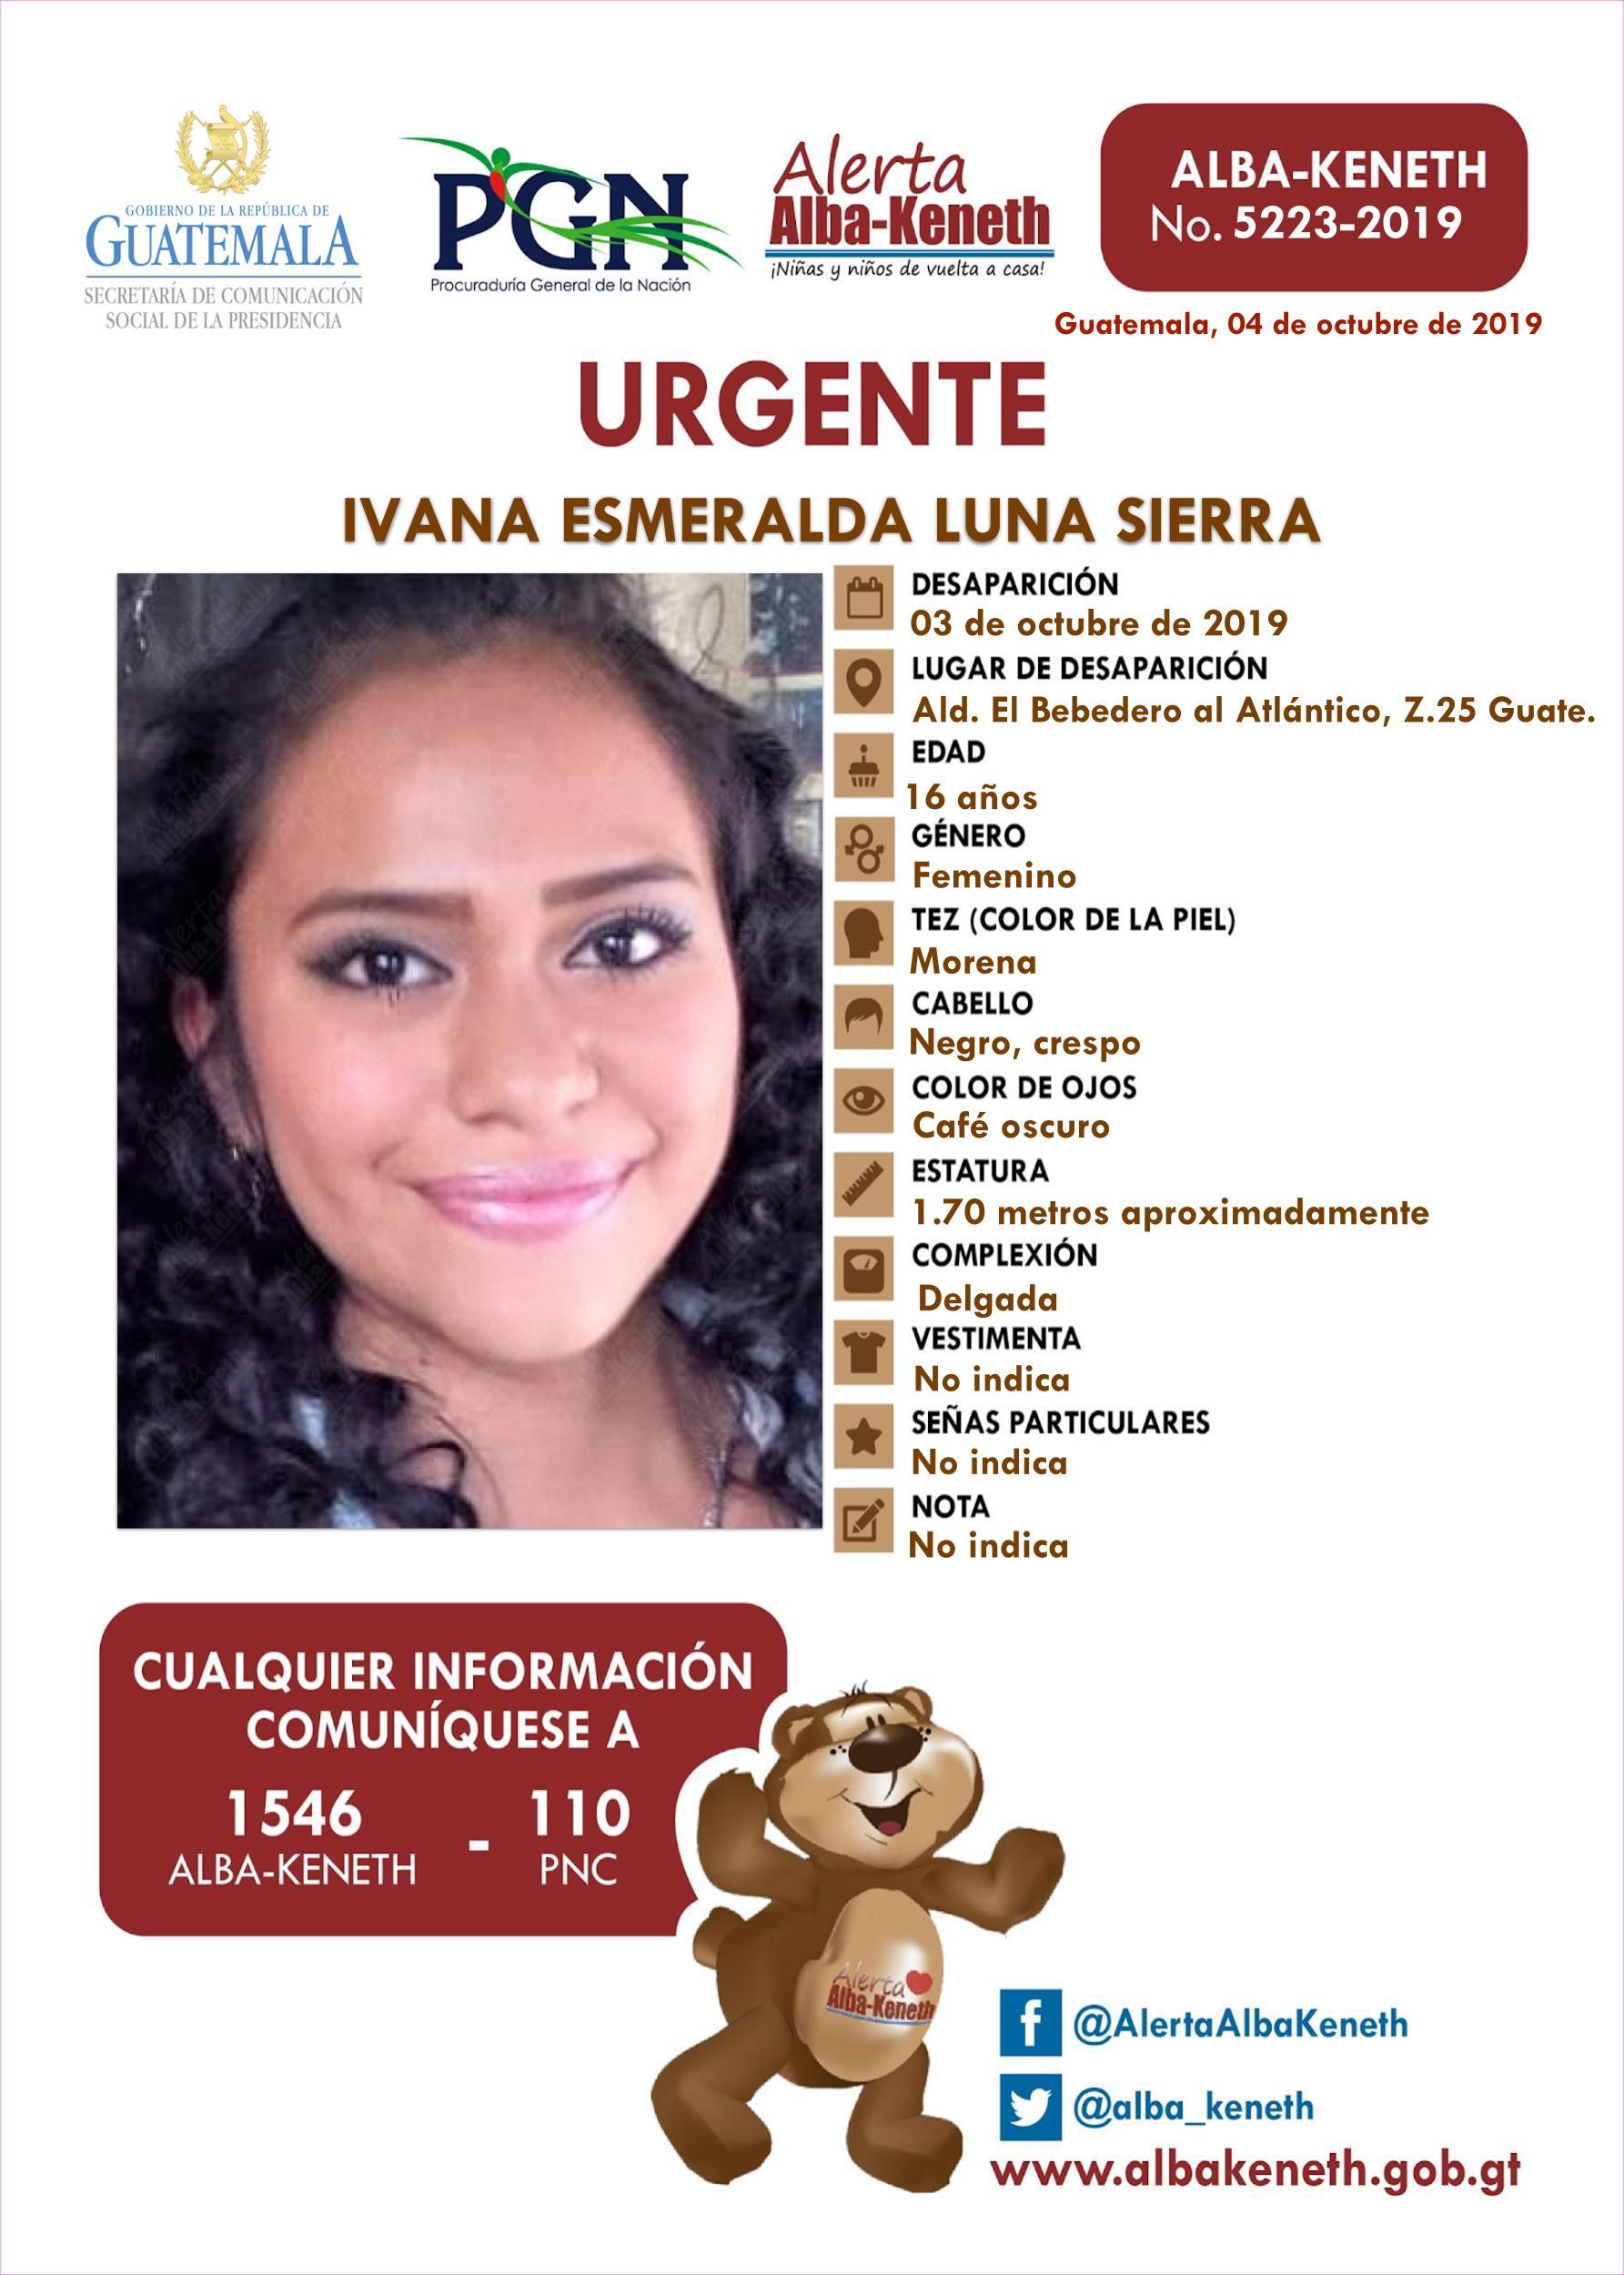 Ivana Esmeralda Luba Sierra